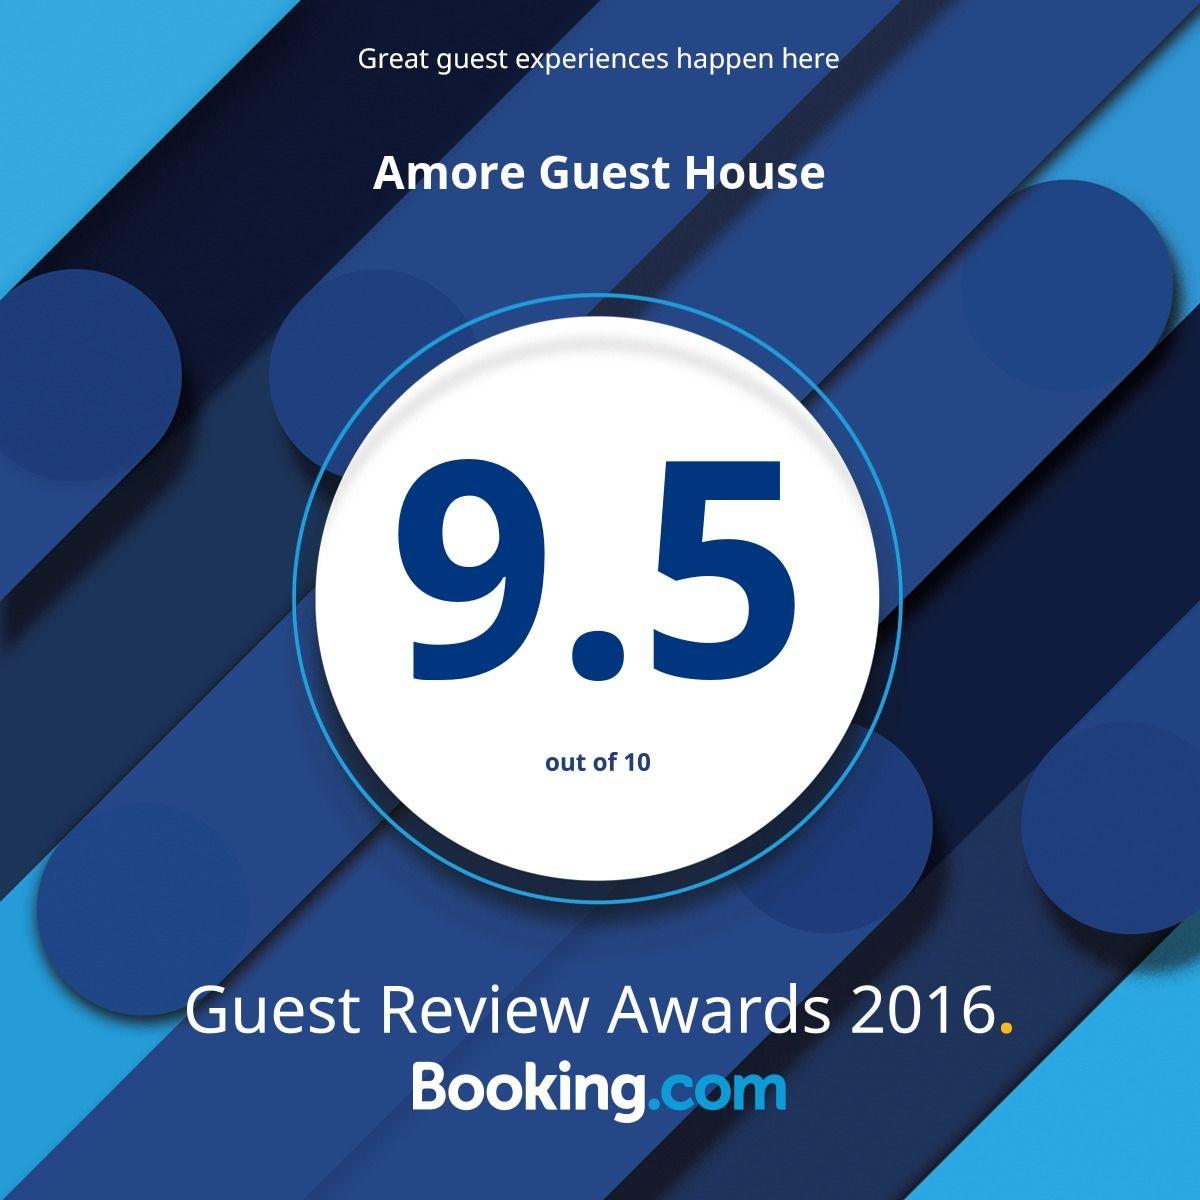 Оценка от гостей отеля для 2016г.